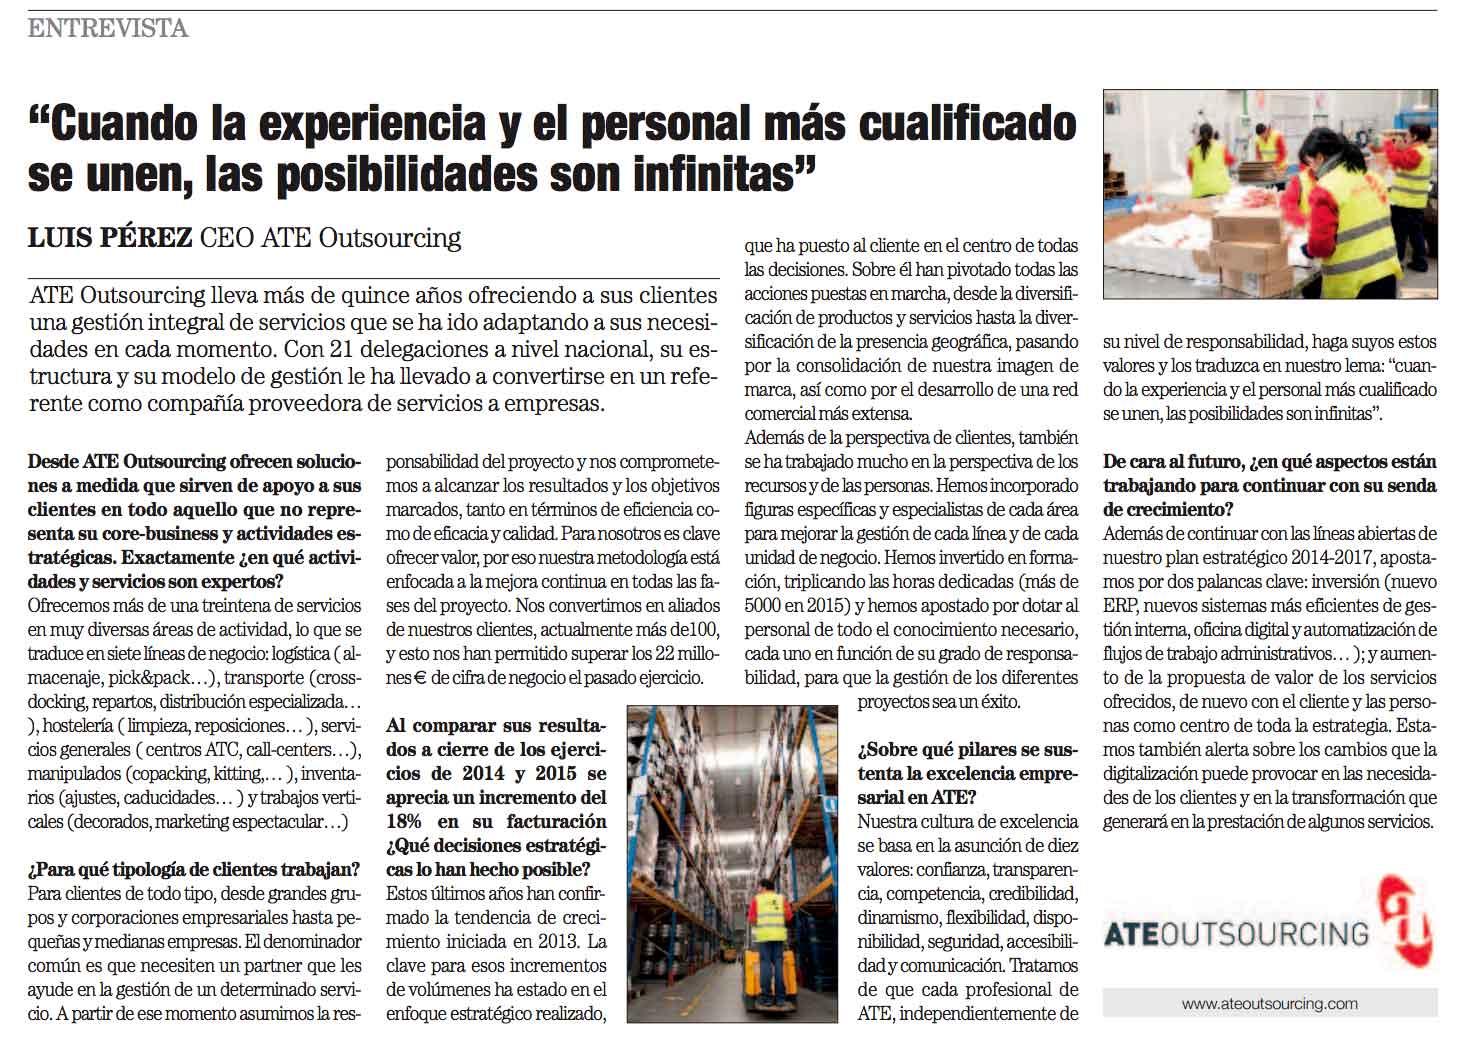 Nuestro CEO Luis Pérez fue entrevistado y expresó las soluciones que ofrece ATE en el mercado, las cifras principales de negocio y las líneas estratégicas clave de cara al asentamiento y al crecimiento a conseguir en los próximos años